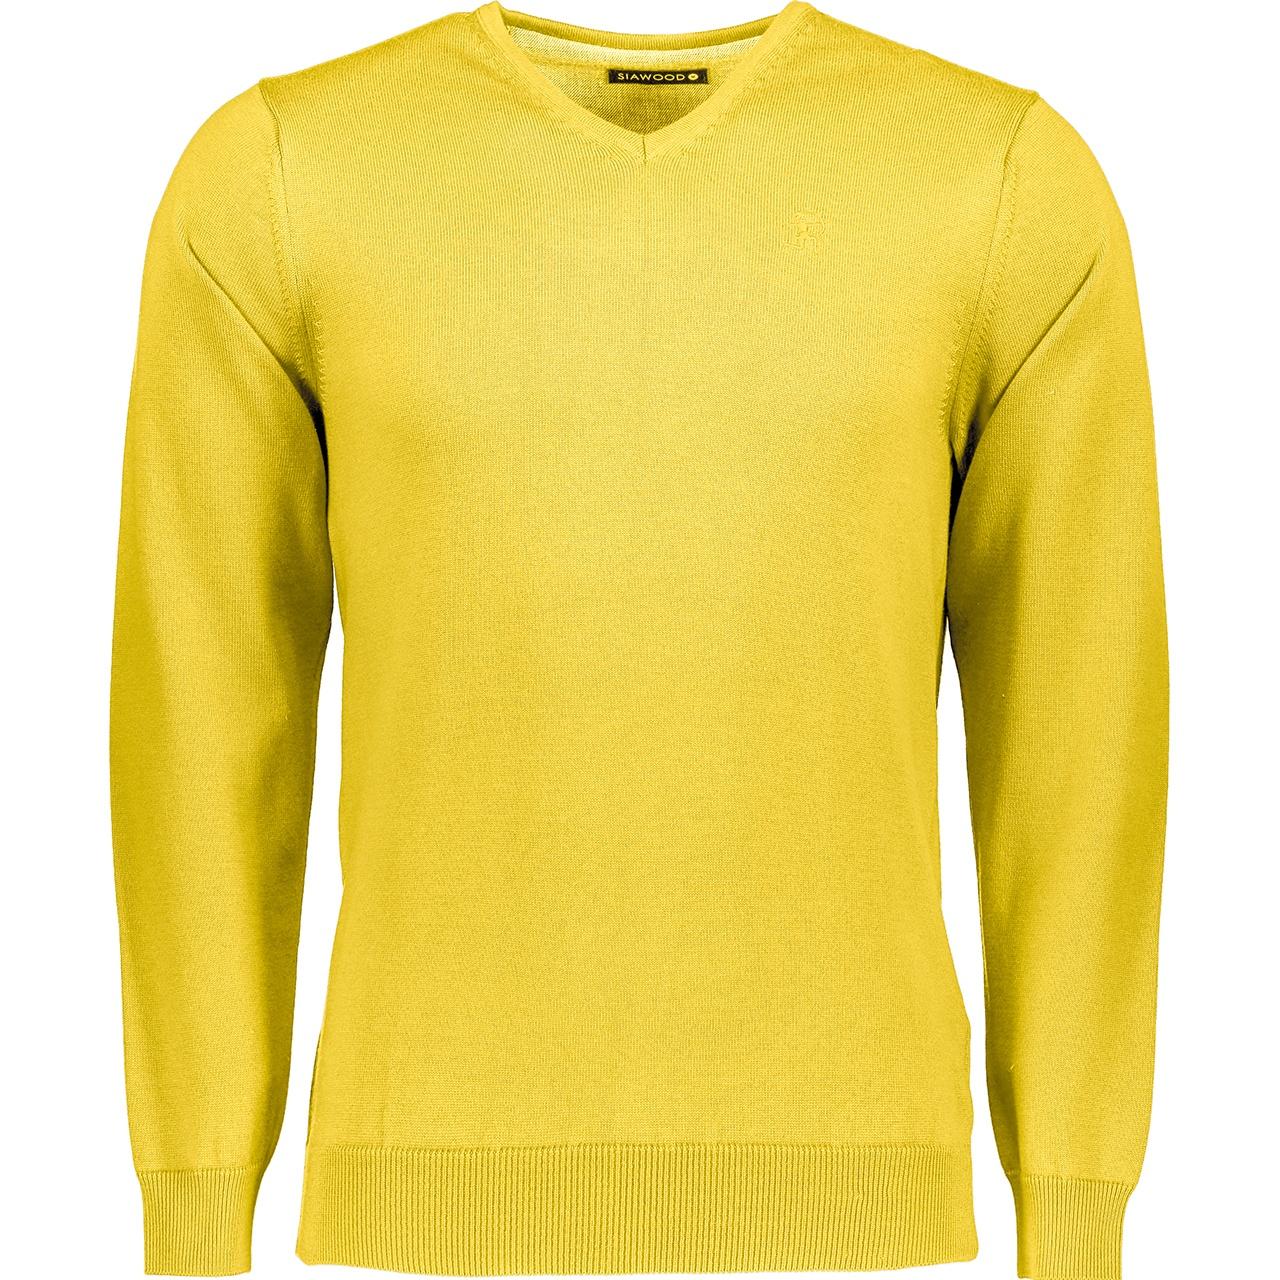 تصویر پلیور مردانه سیاوود مدل 32630-CHARLES-1 کد Y0043 زرد